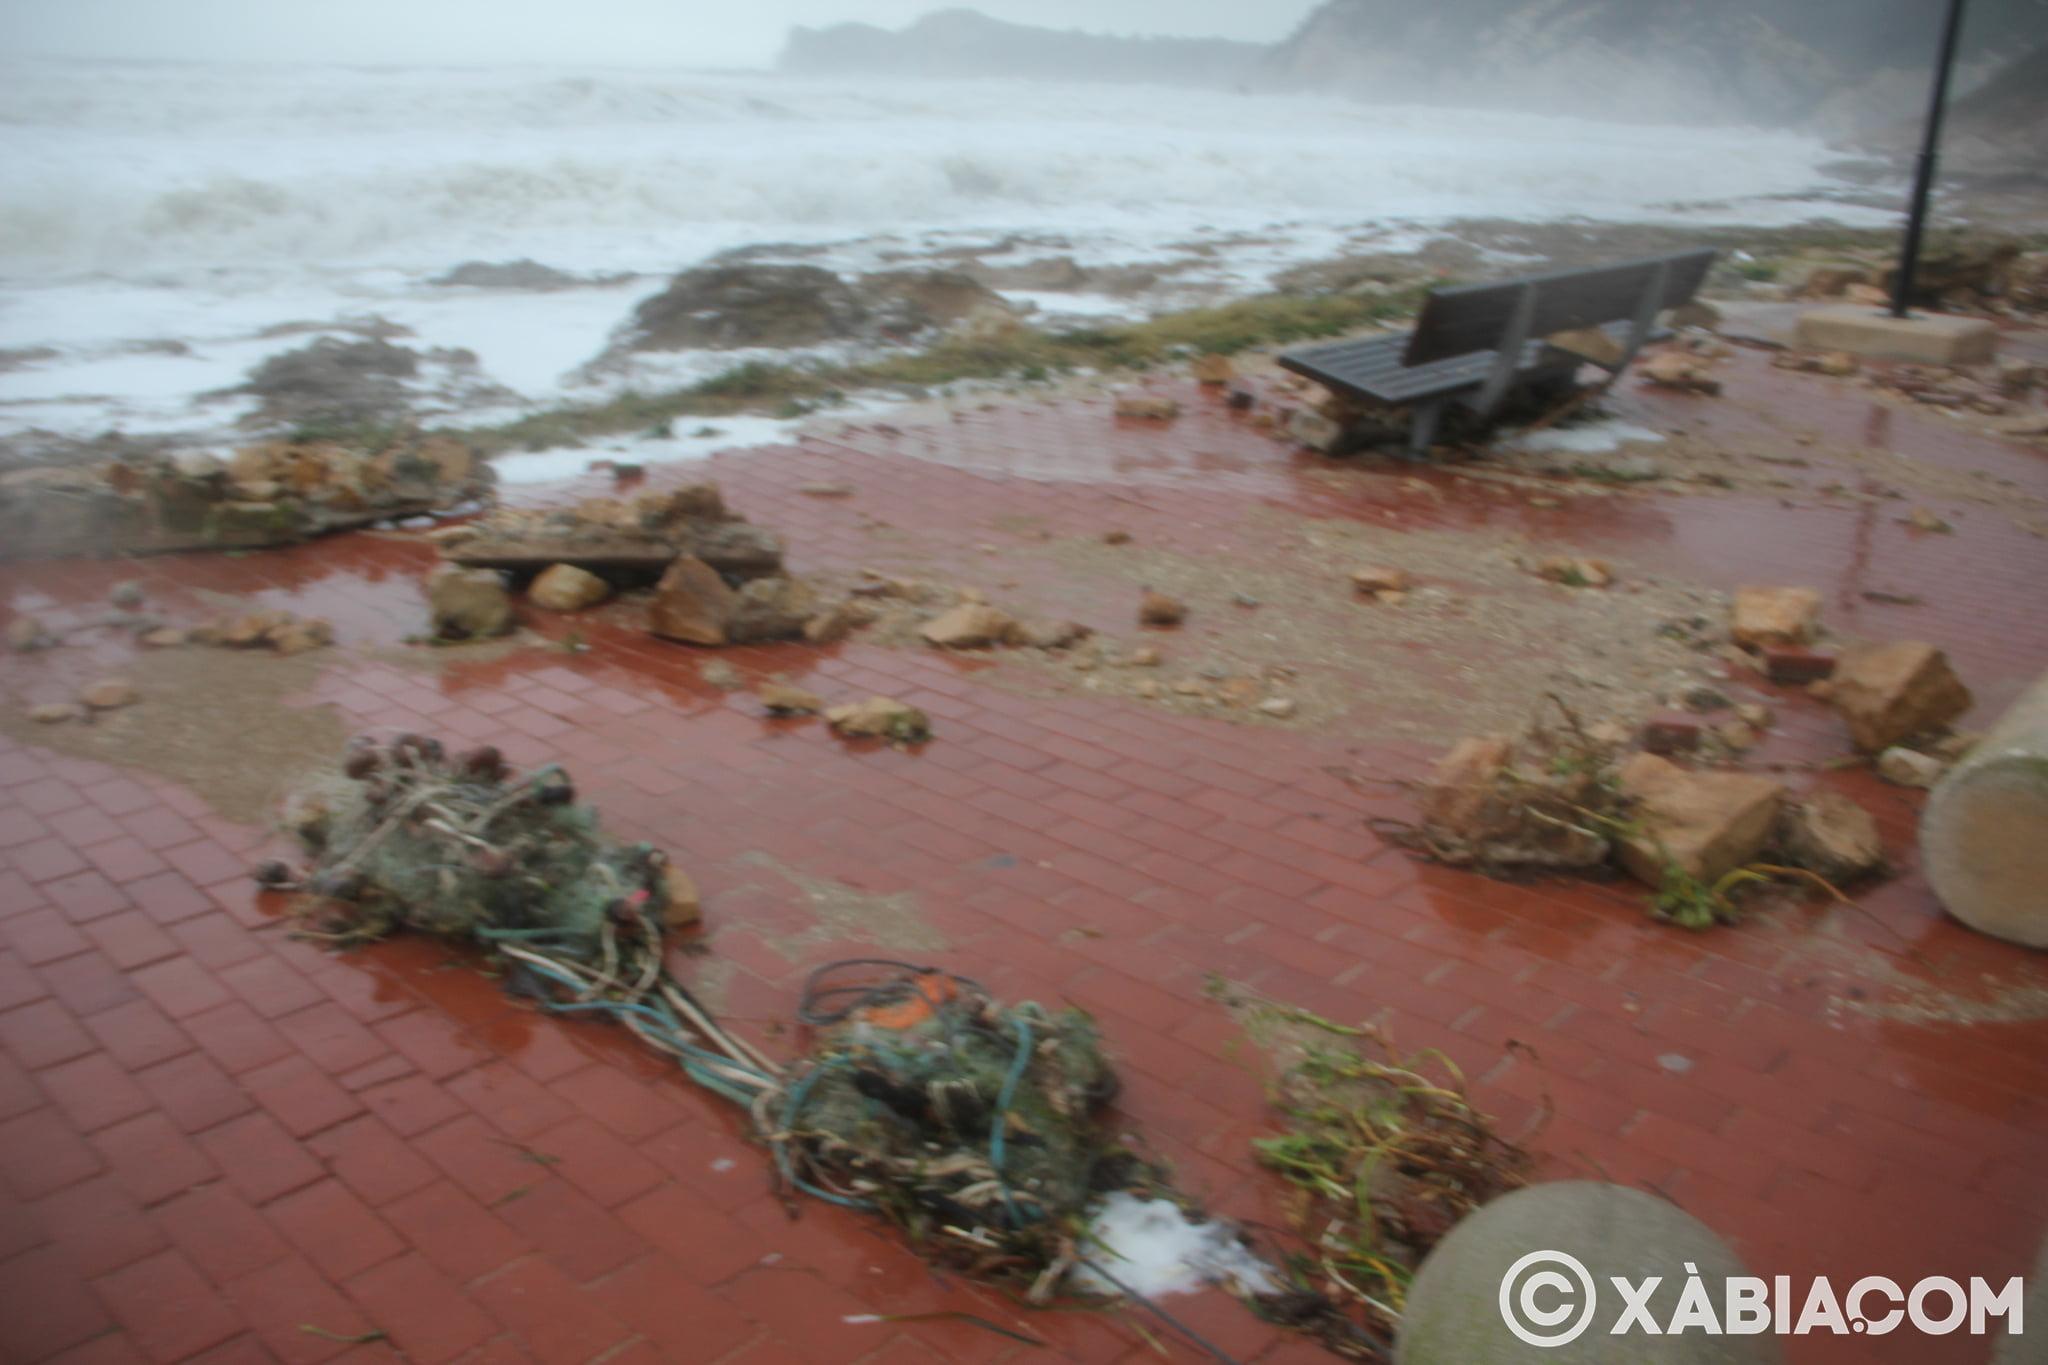 Pluie, vent et tempête de mer déchiquetés à Xàbia (12)